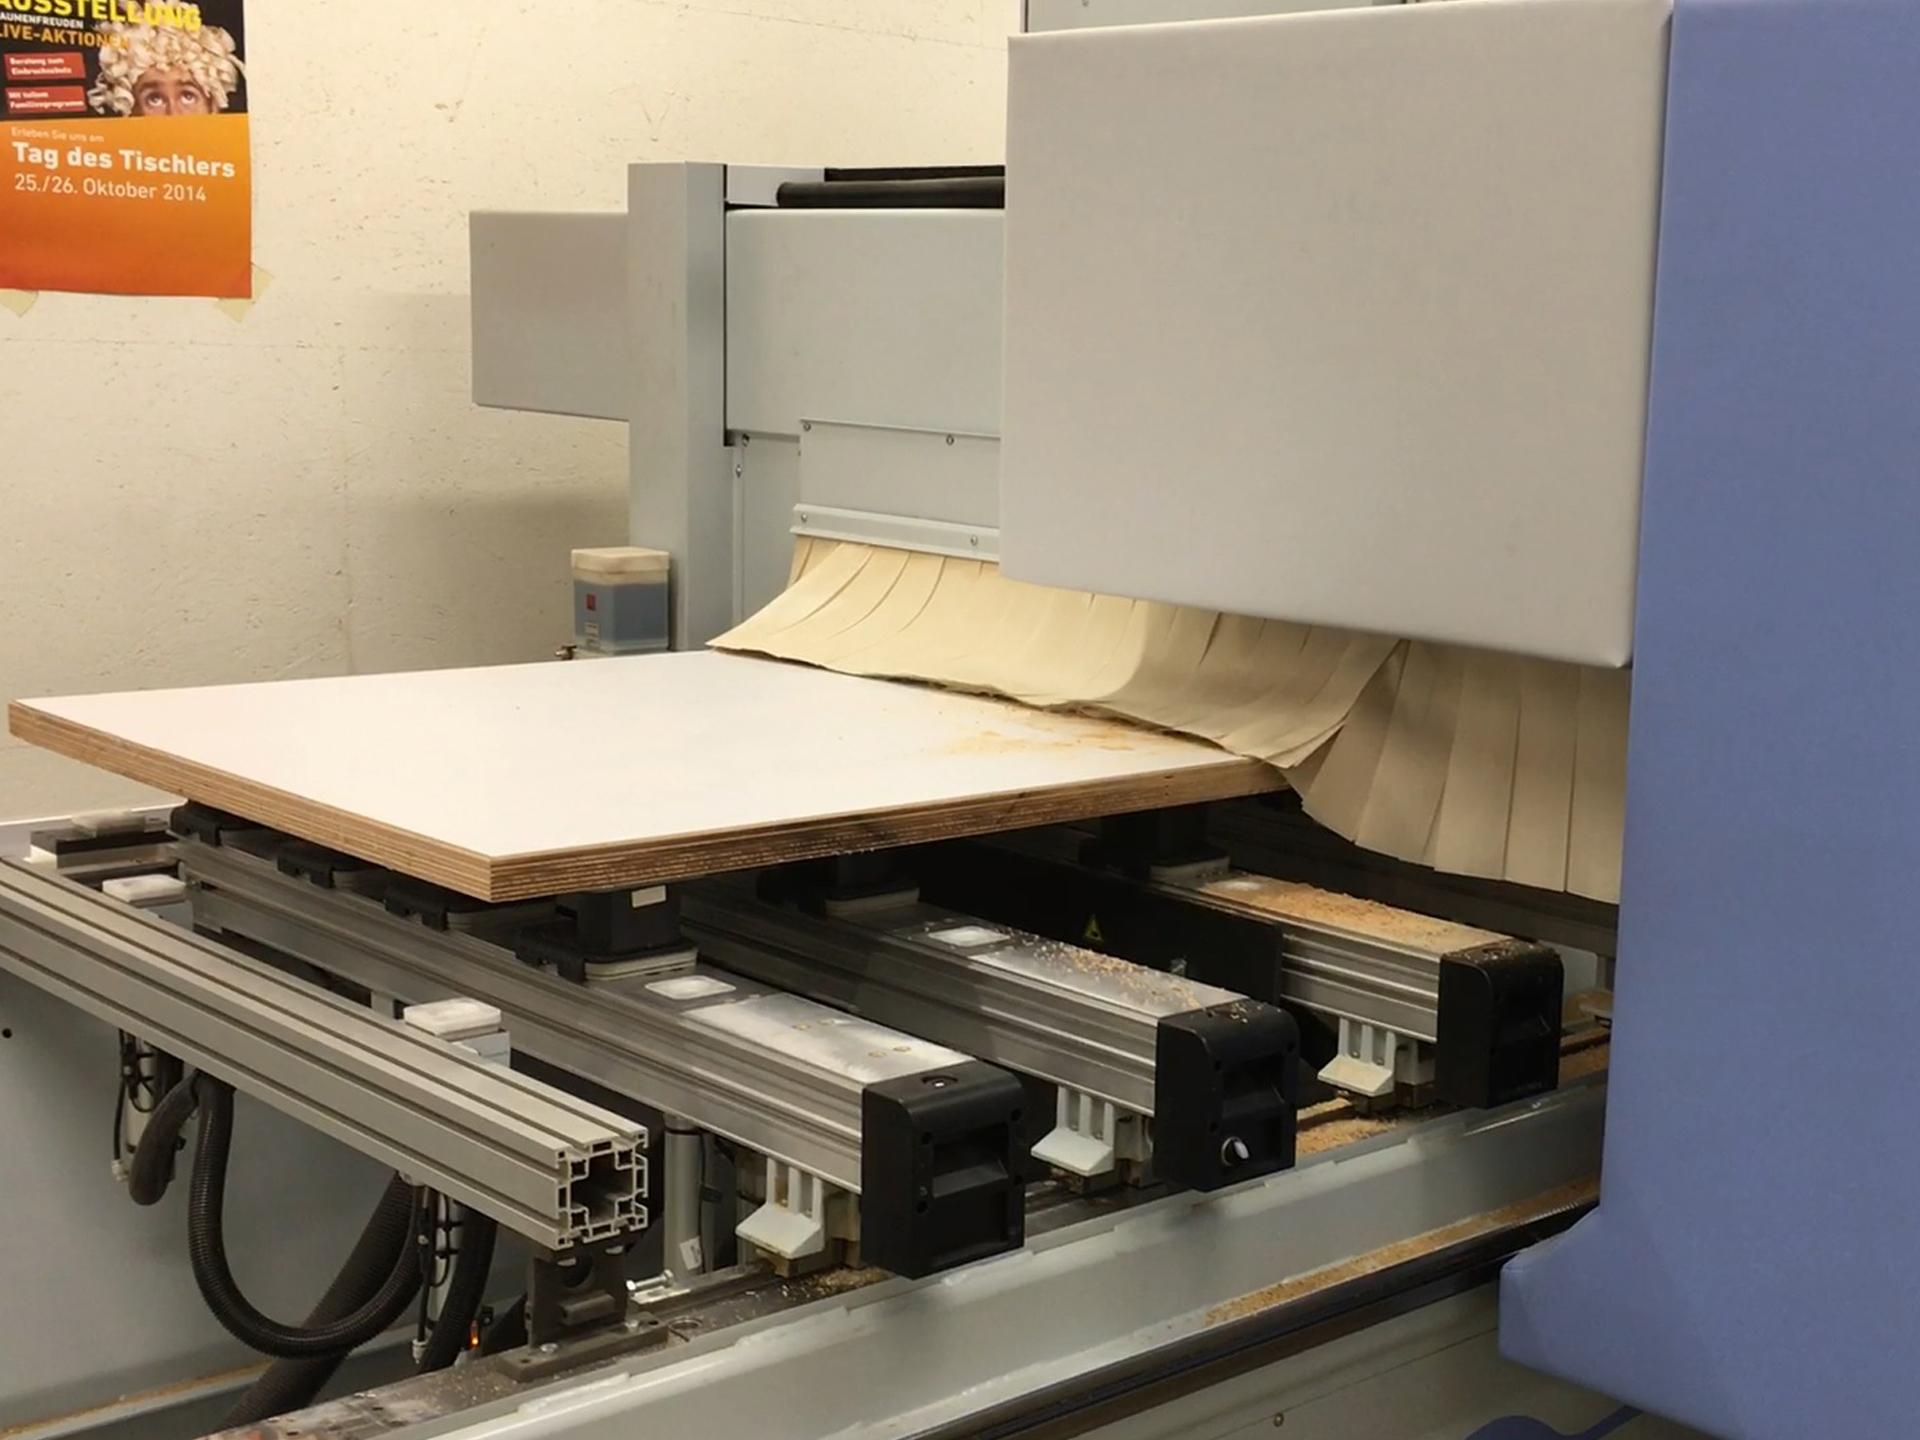 Schreiner-Hub GmbH - CNC 5Achs Bearbeitungszentrum